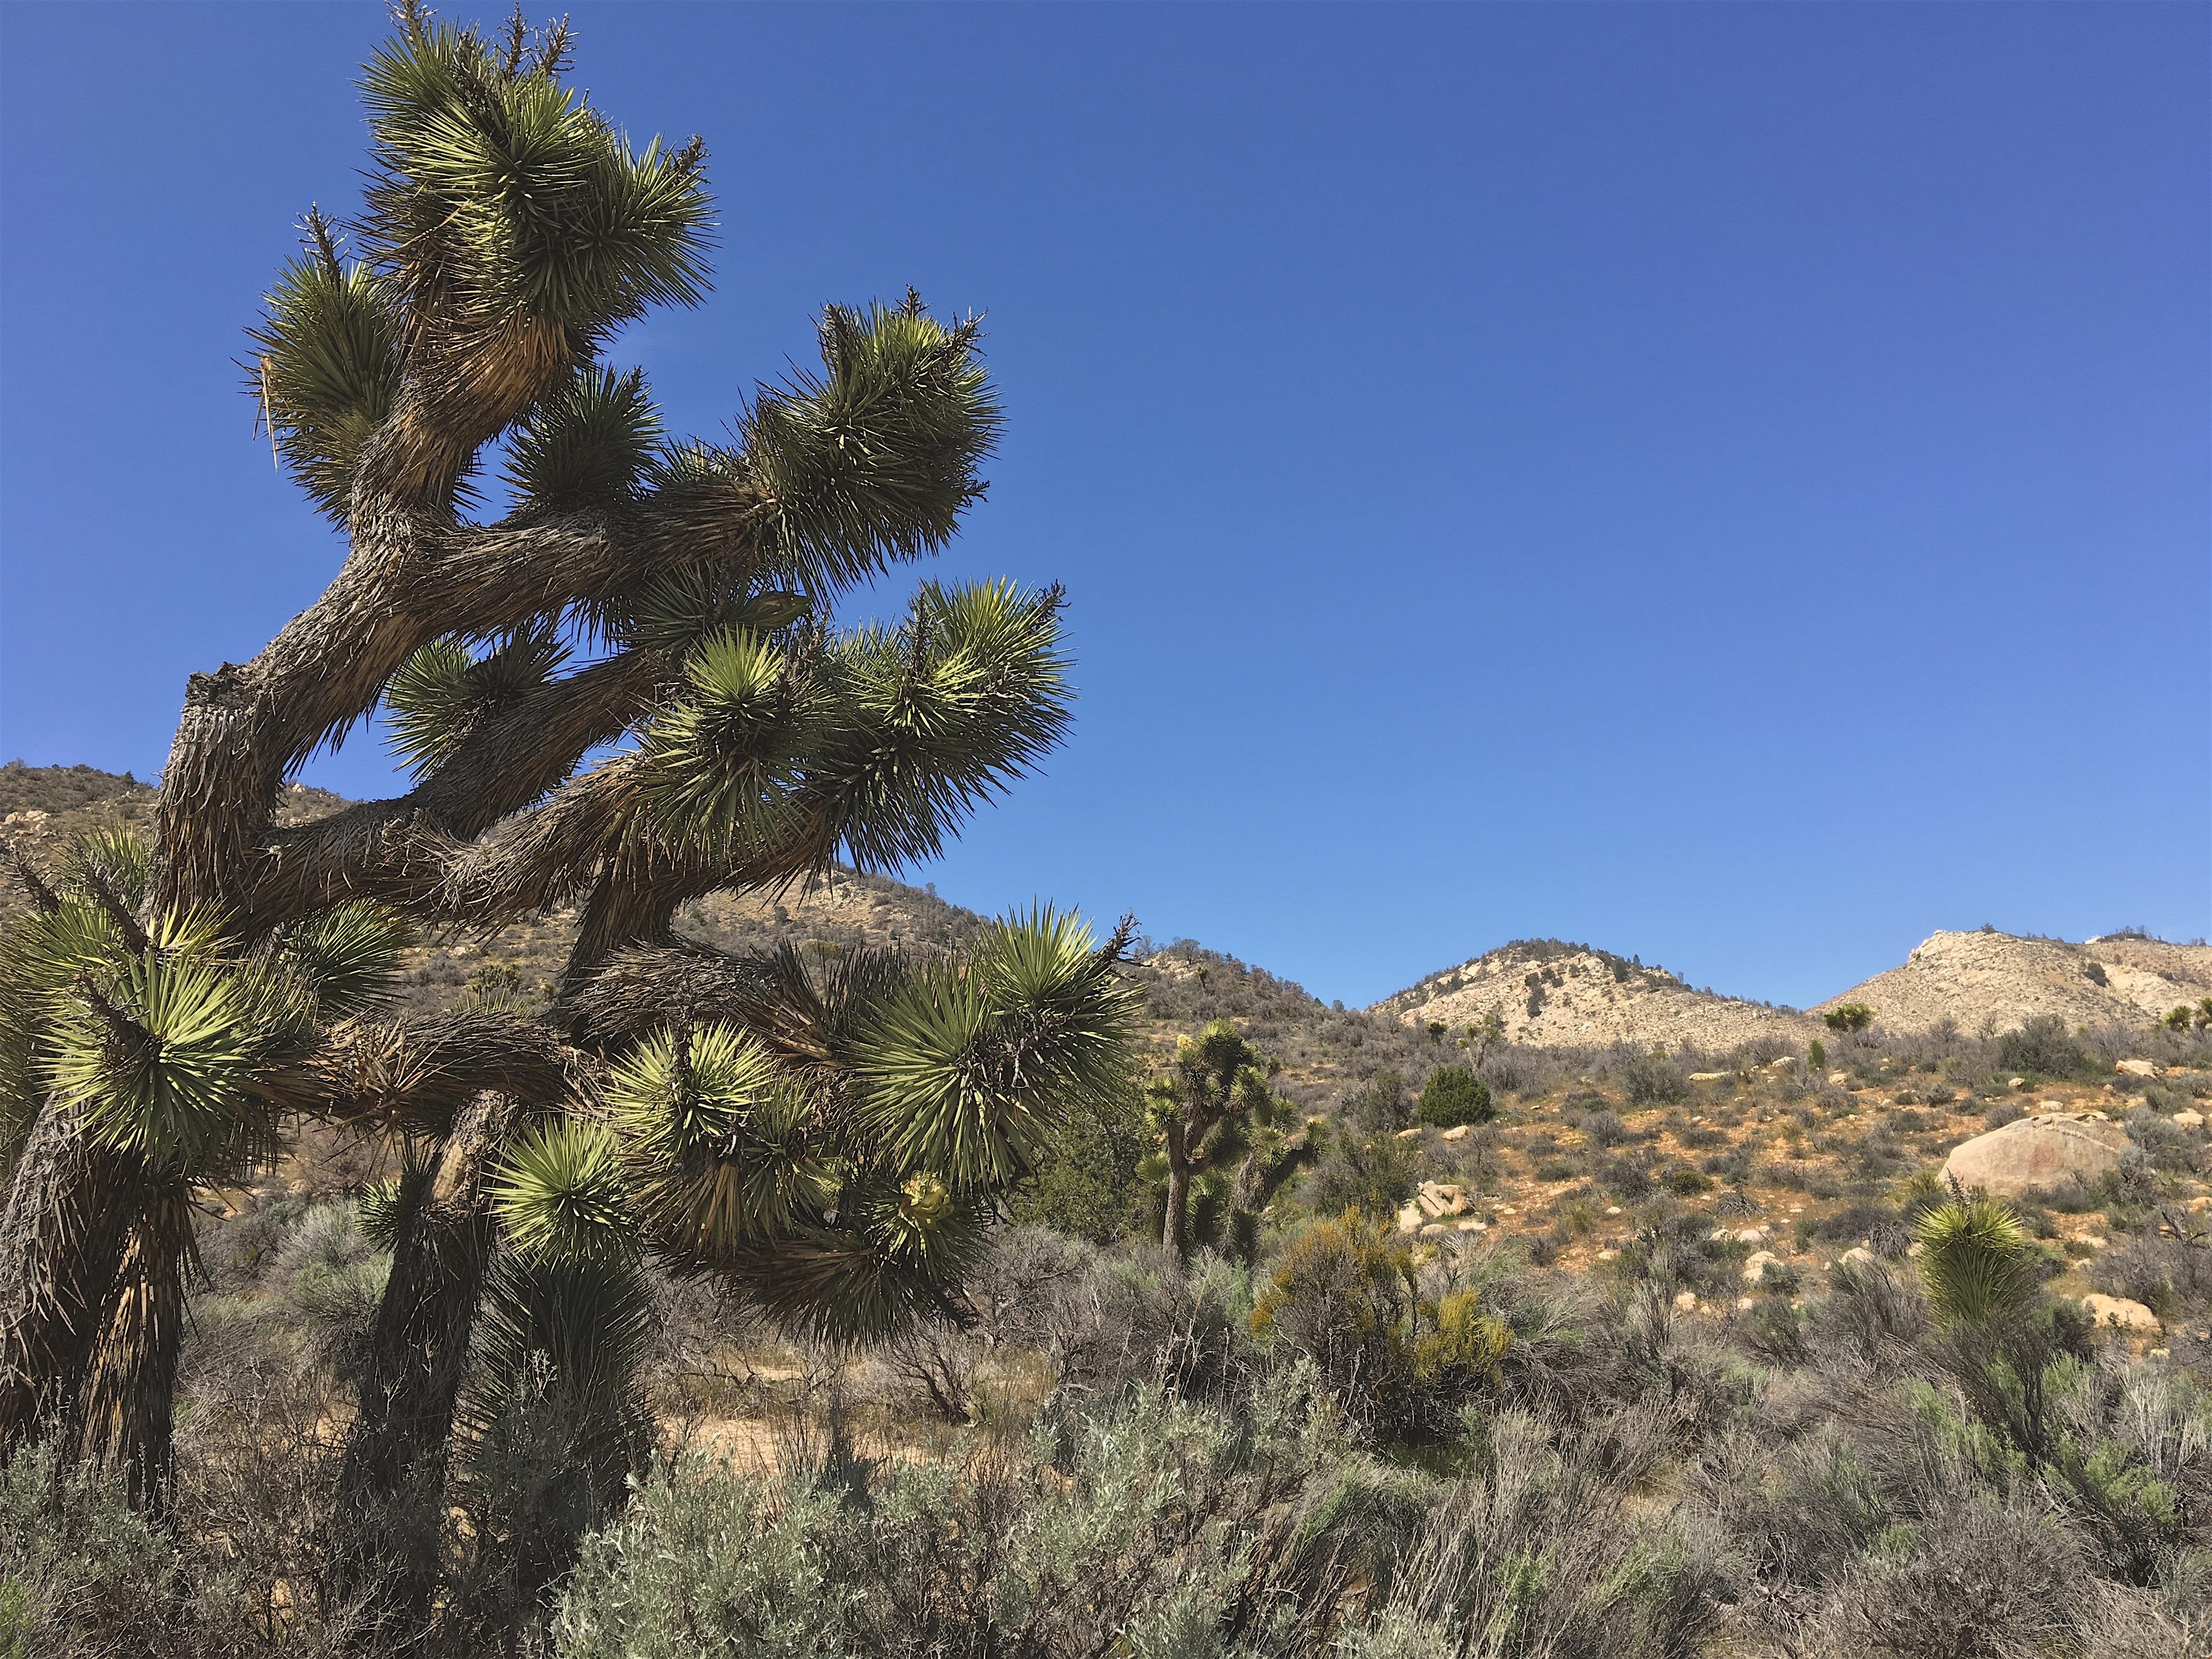 Visitare il Deserto del Mojave in California con i Joshua Trees